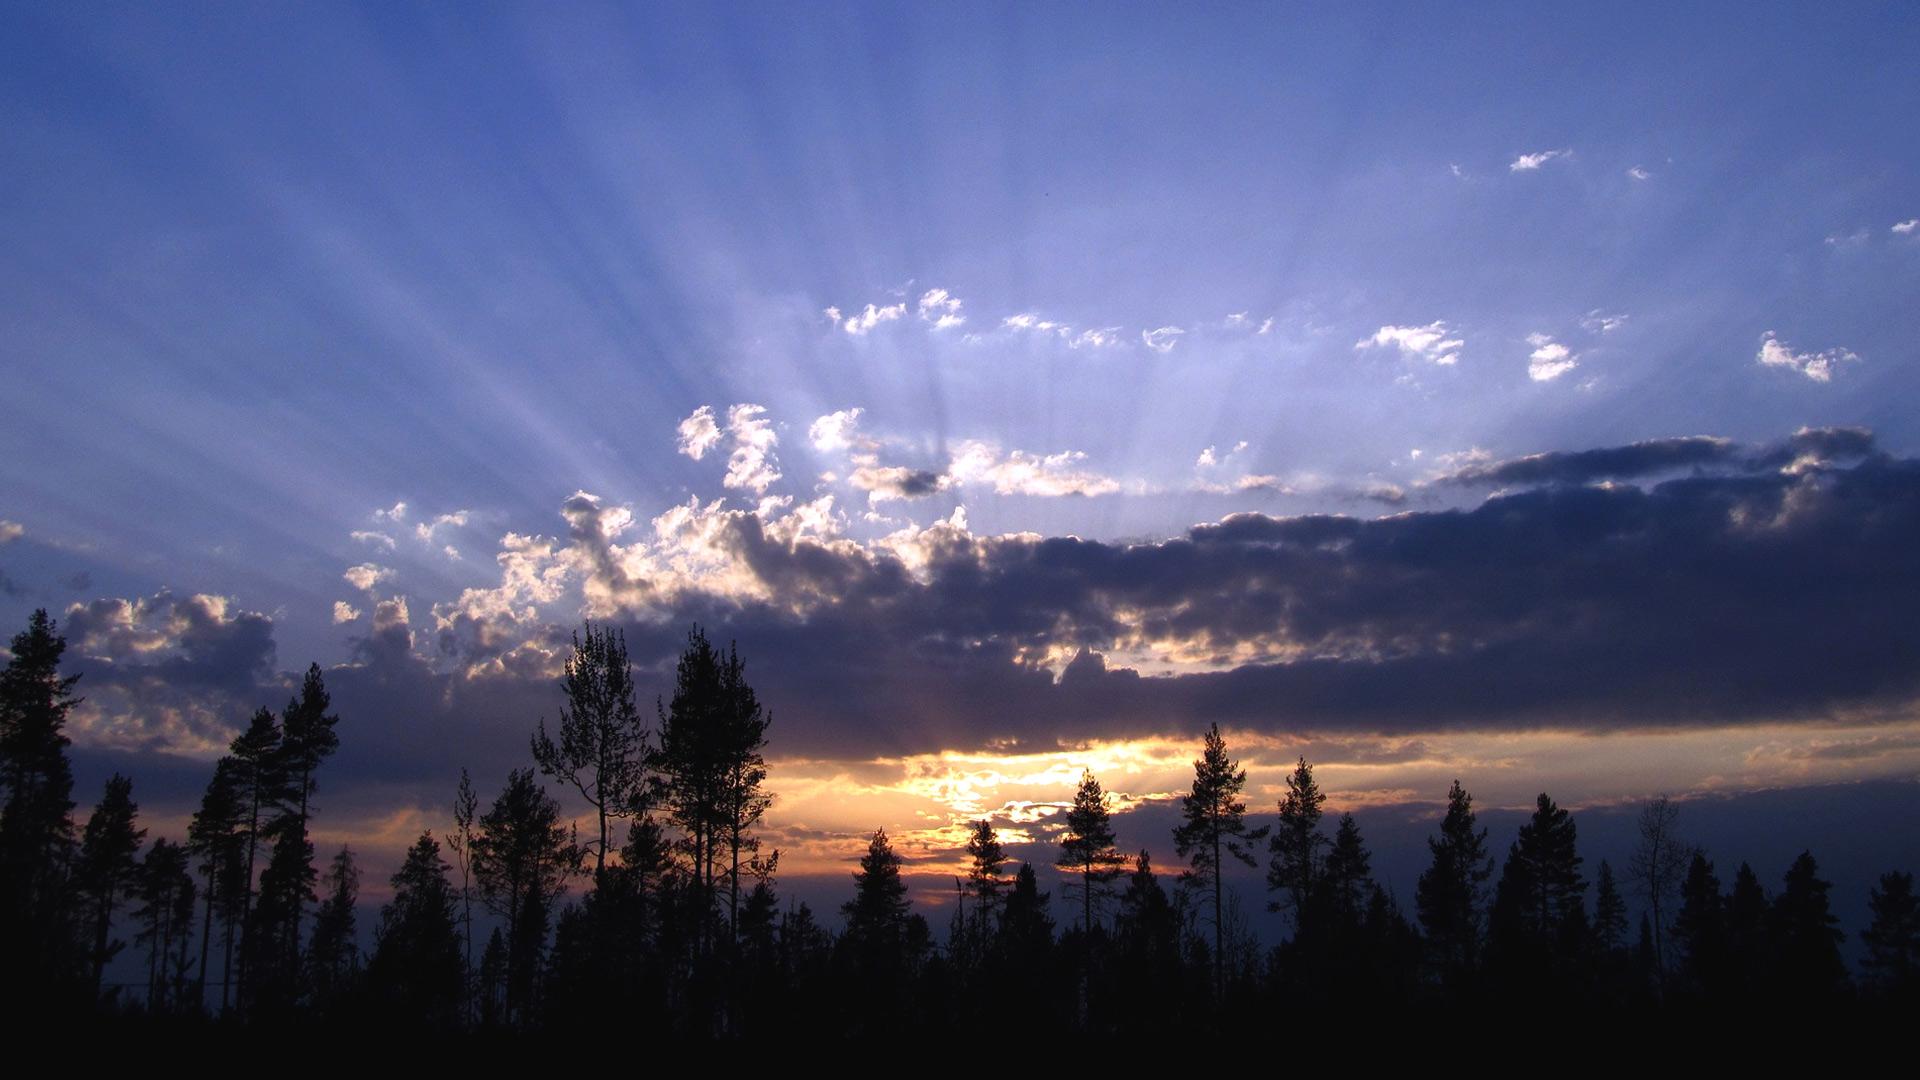 sunbeam sunset wallpaper 51538